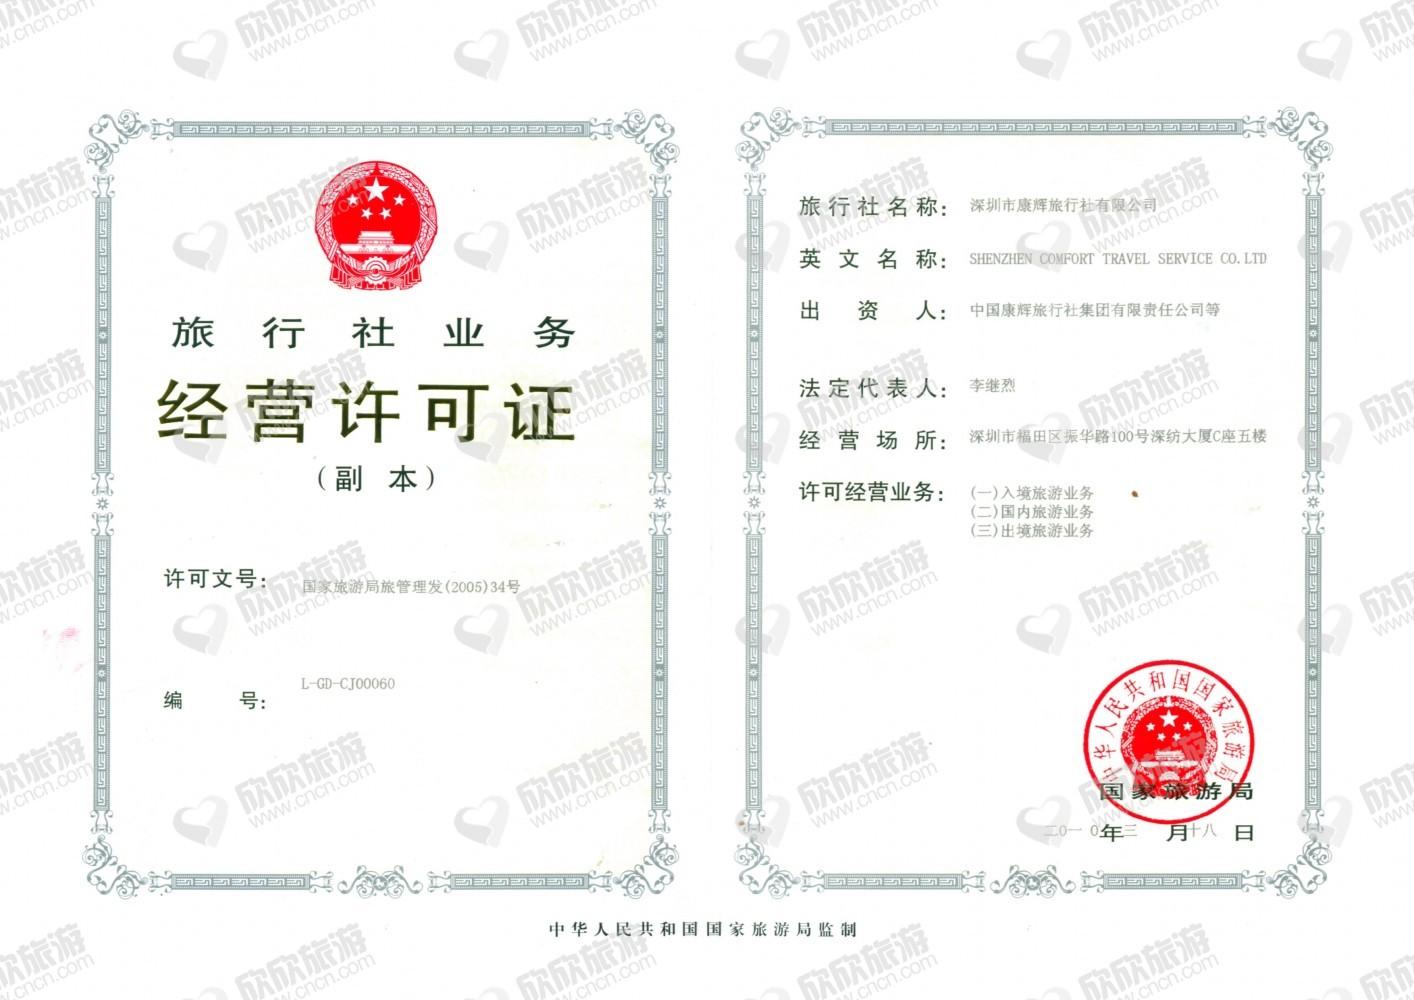 深圳市康辉旅行社有限公司金光华营业部经营许可证